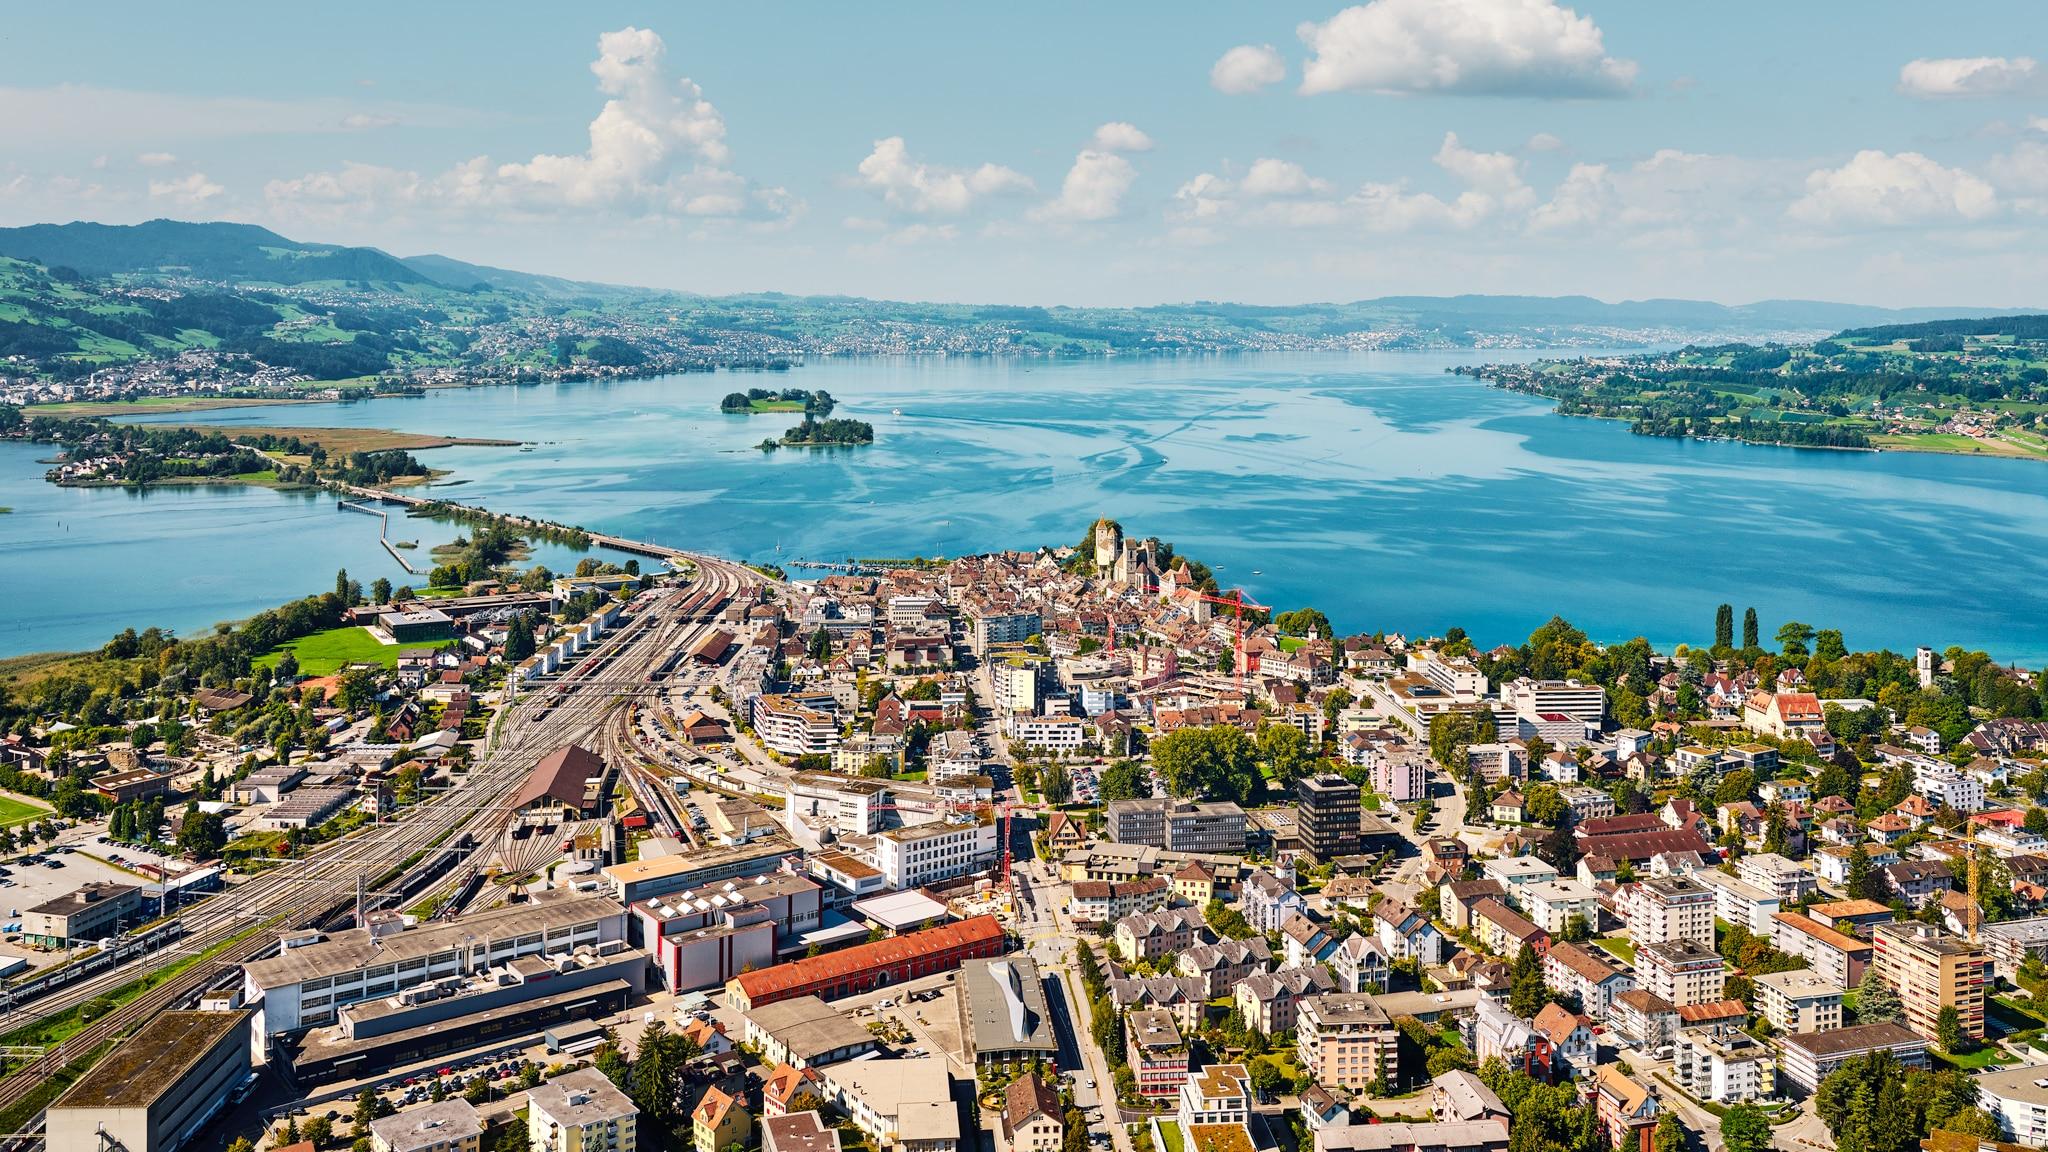 Luftaufnahme mit Helikopter hoch über Rapperswil mit Blick auf das Zentrum, dem Schloss, Hafen, Bahnhof, Damm Hurden, Obersee, Zürichsee